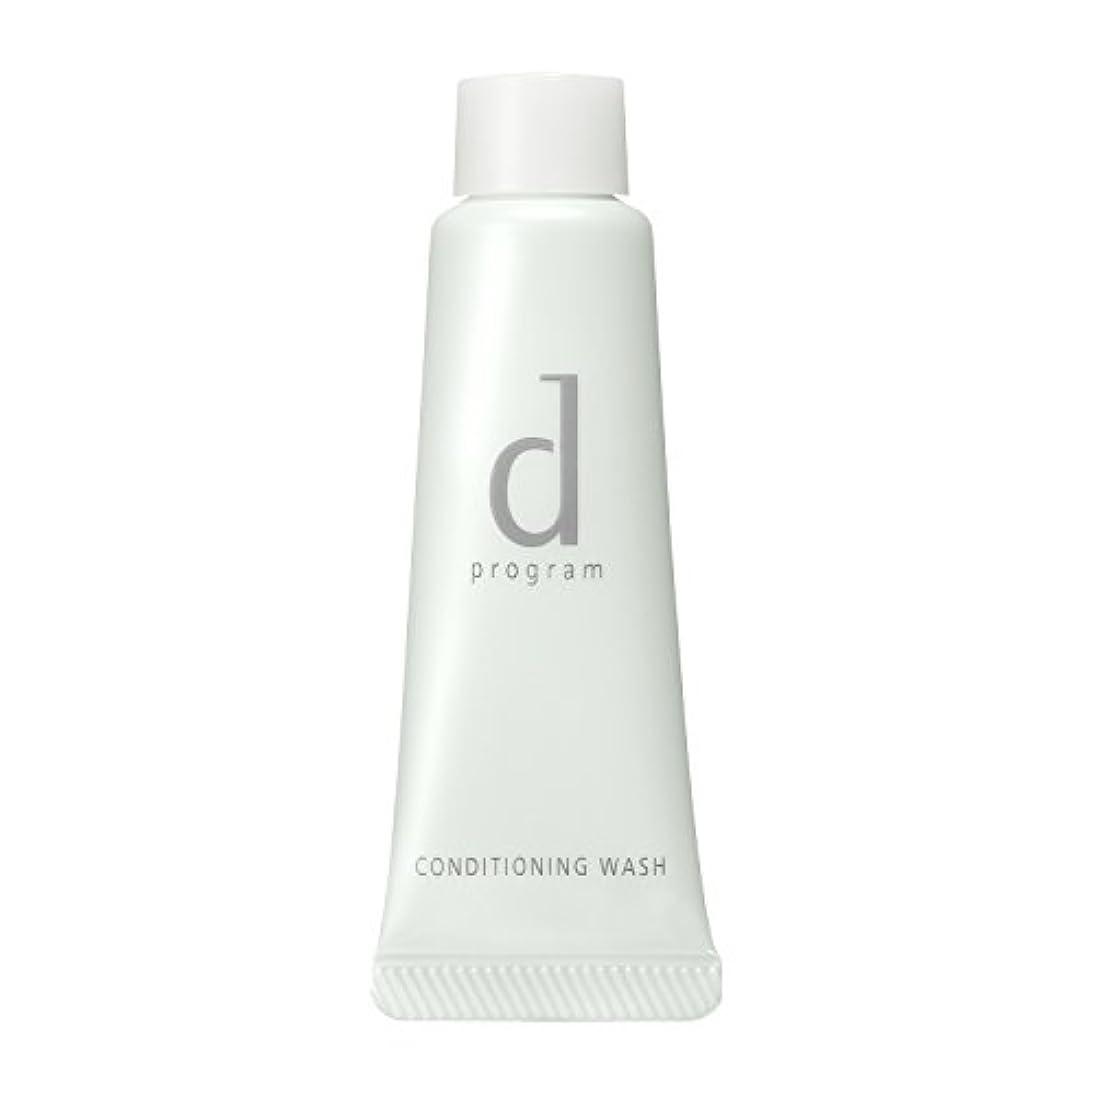 アルネ学ぶ学生d プログラム コンディショニングウォッシュ 洗顔フォーム (トライアルサイズ) 20g